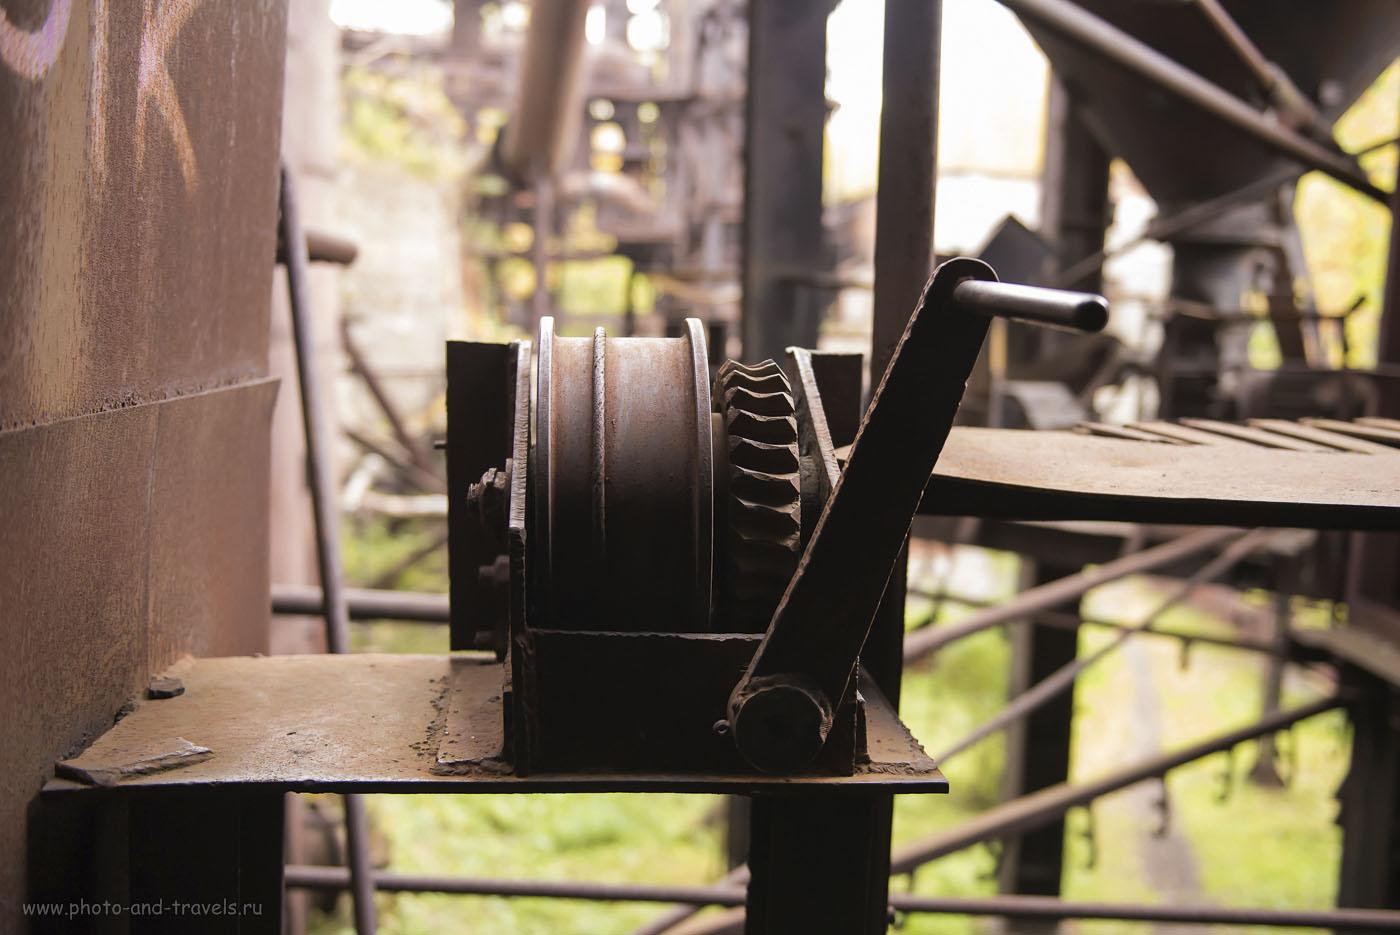 Фото №8. Лебедка. Отзывы об экскурсии в Нижний Тагил. Посещаем музей-завод и Лисью гору.